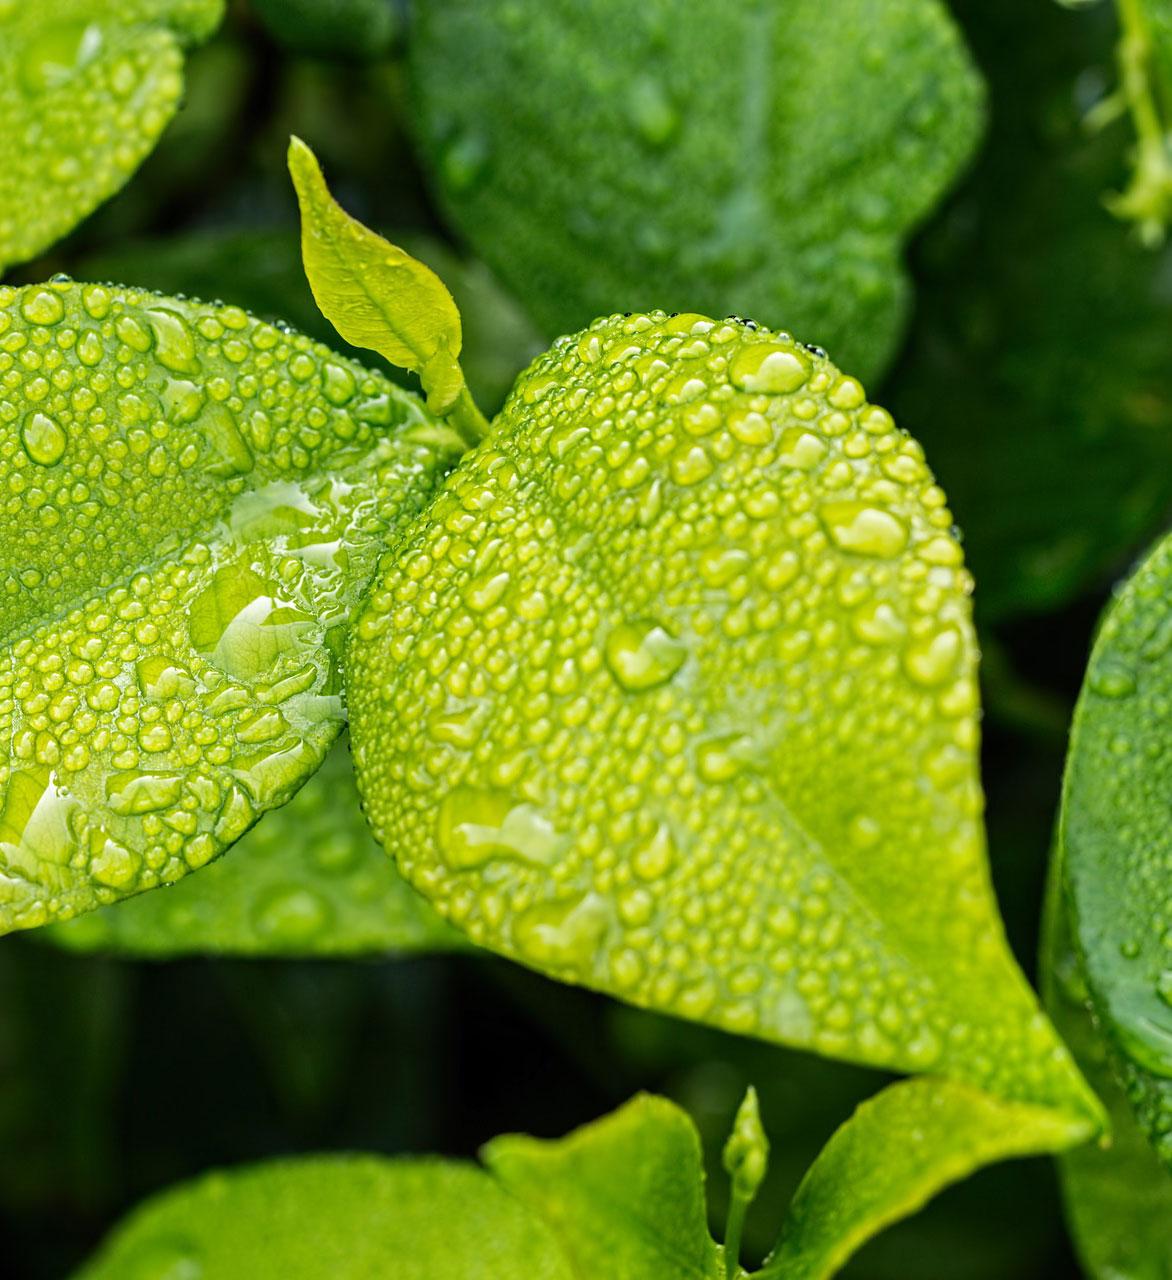 Biokol för företag - Köp vår EBC-certifierade biokol | biokol.se